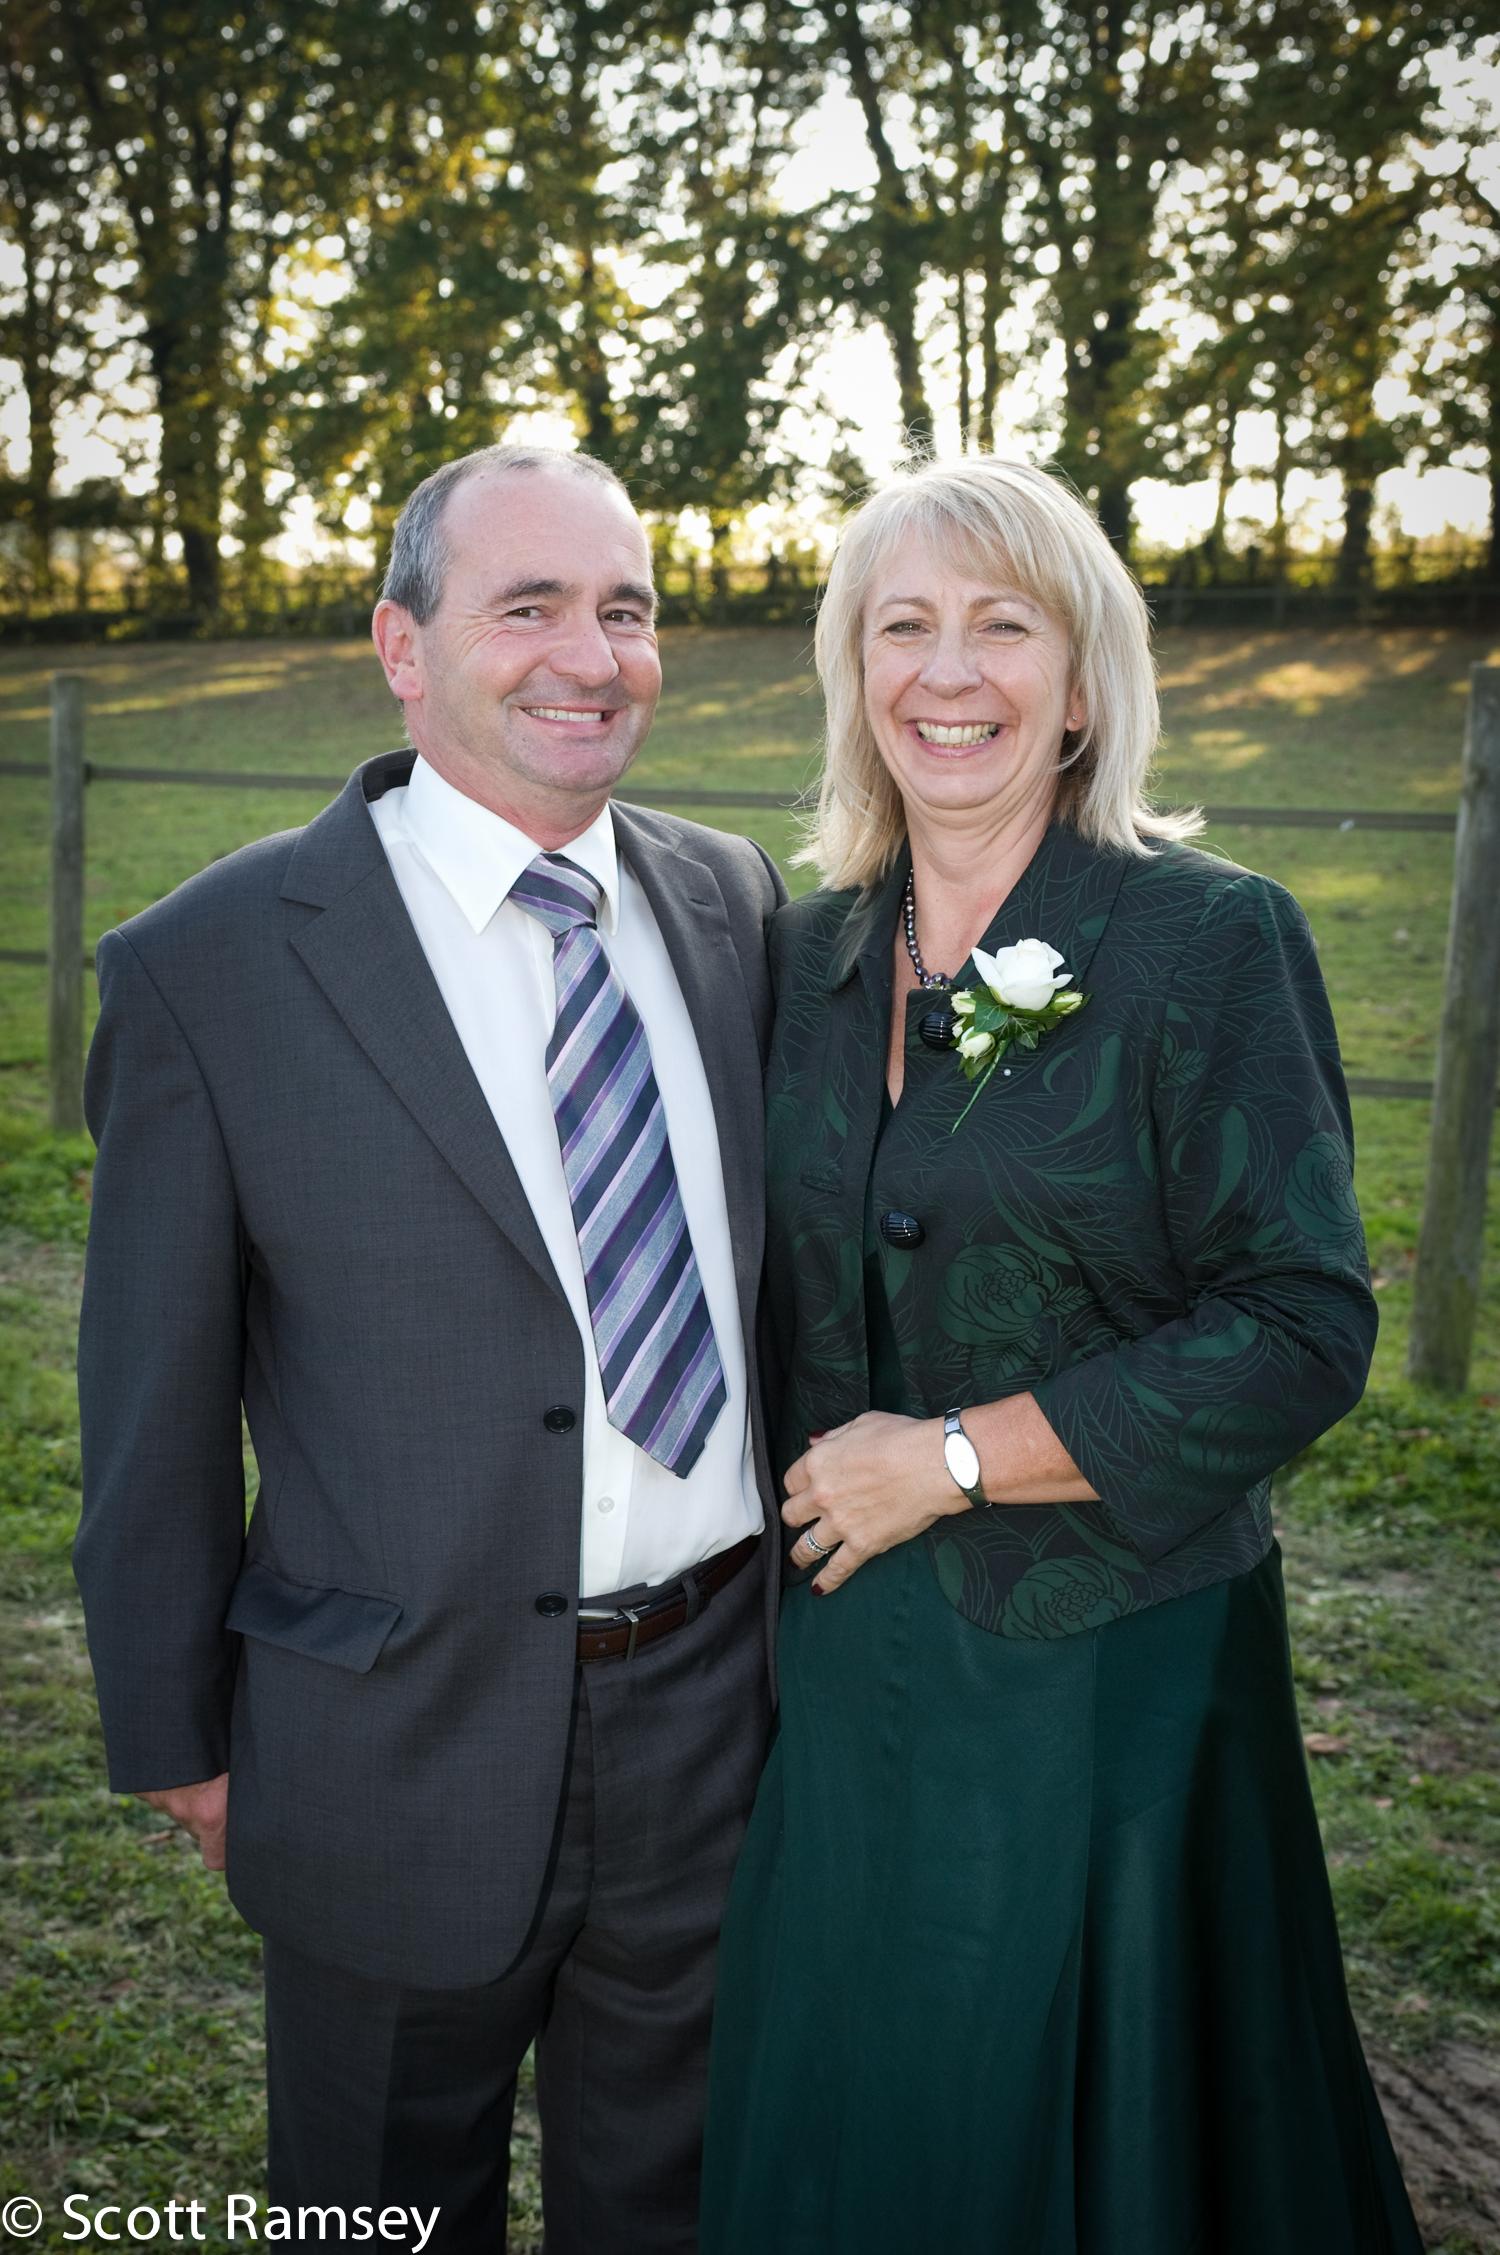 Wedding Guests Surrey Wedding